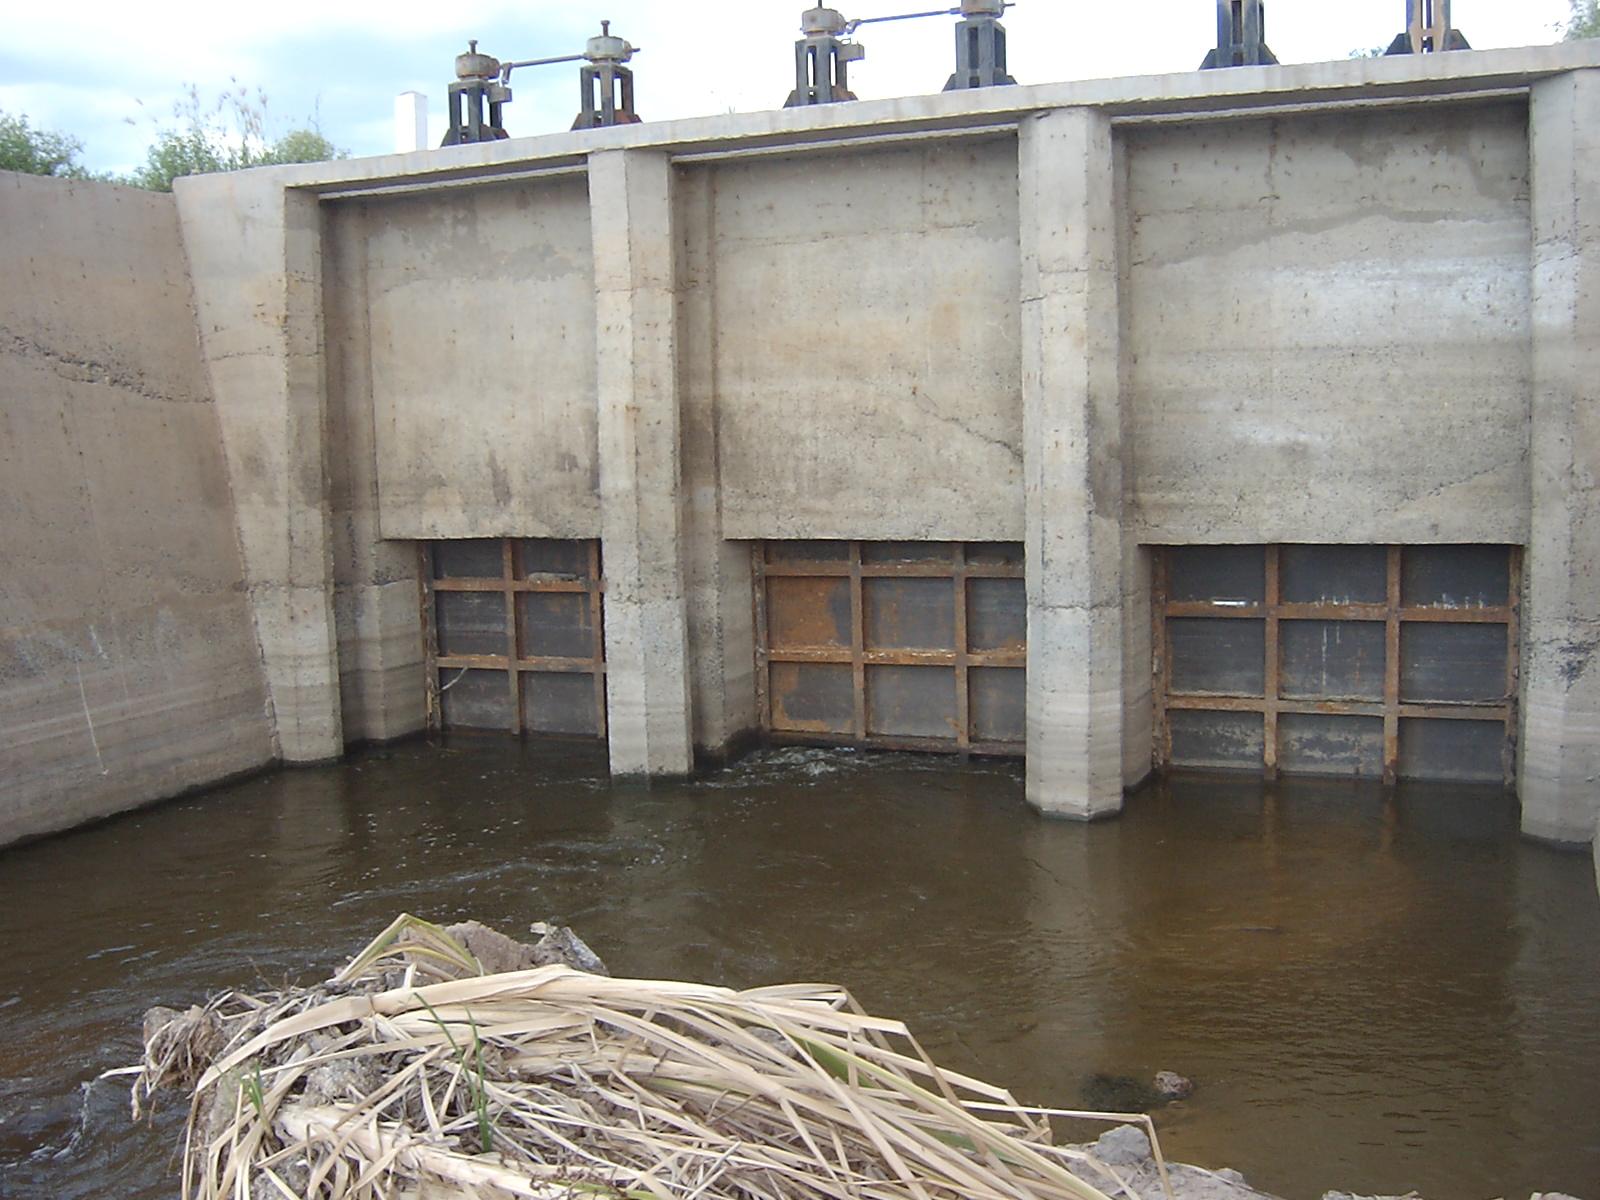 las represas e hidroeléctricas impiden el desplazamiento normal de las especies migratorias, pues alteran sus rutas de desplazamientos. Foto: Soraya Barrera.